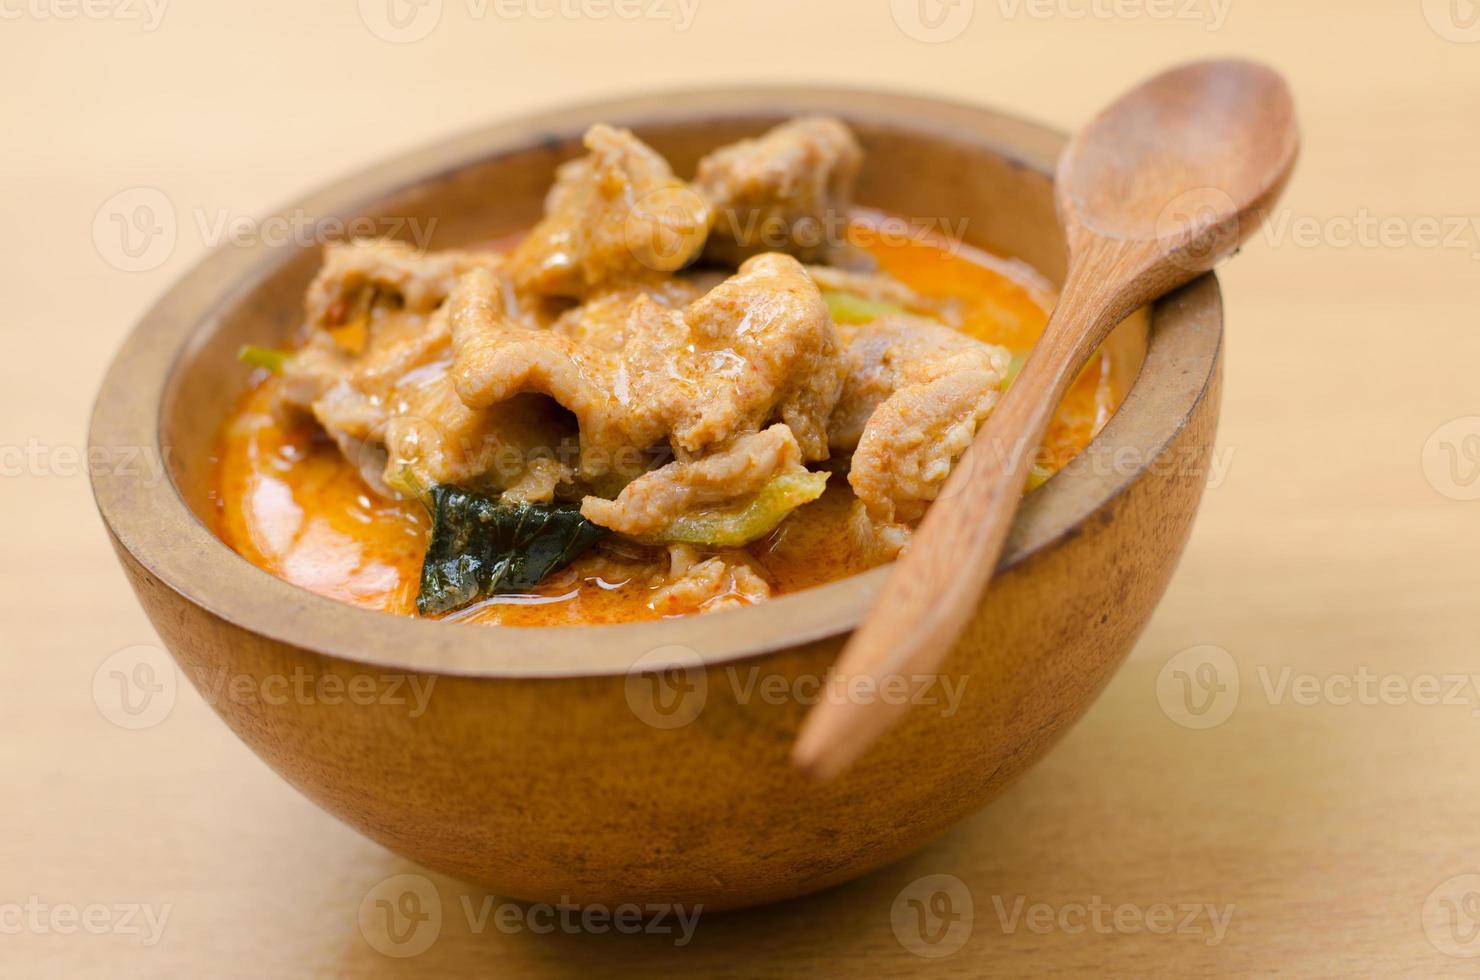 pâte de cari rouge au porc et lait de coco (panang) photo